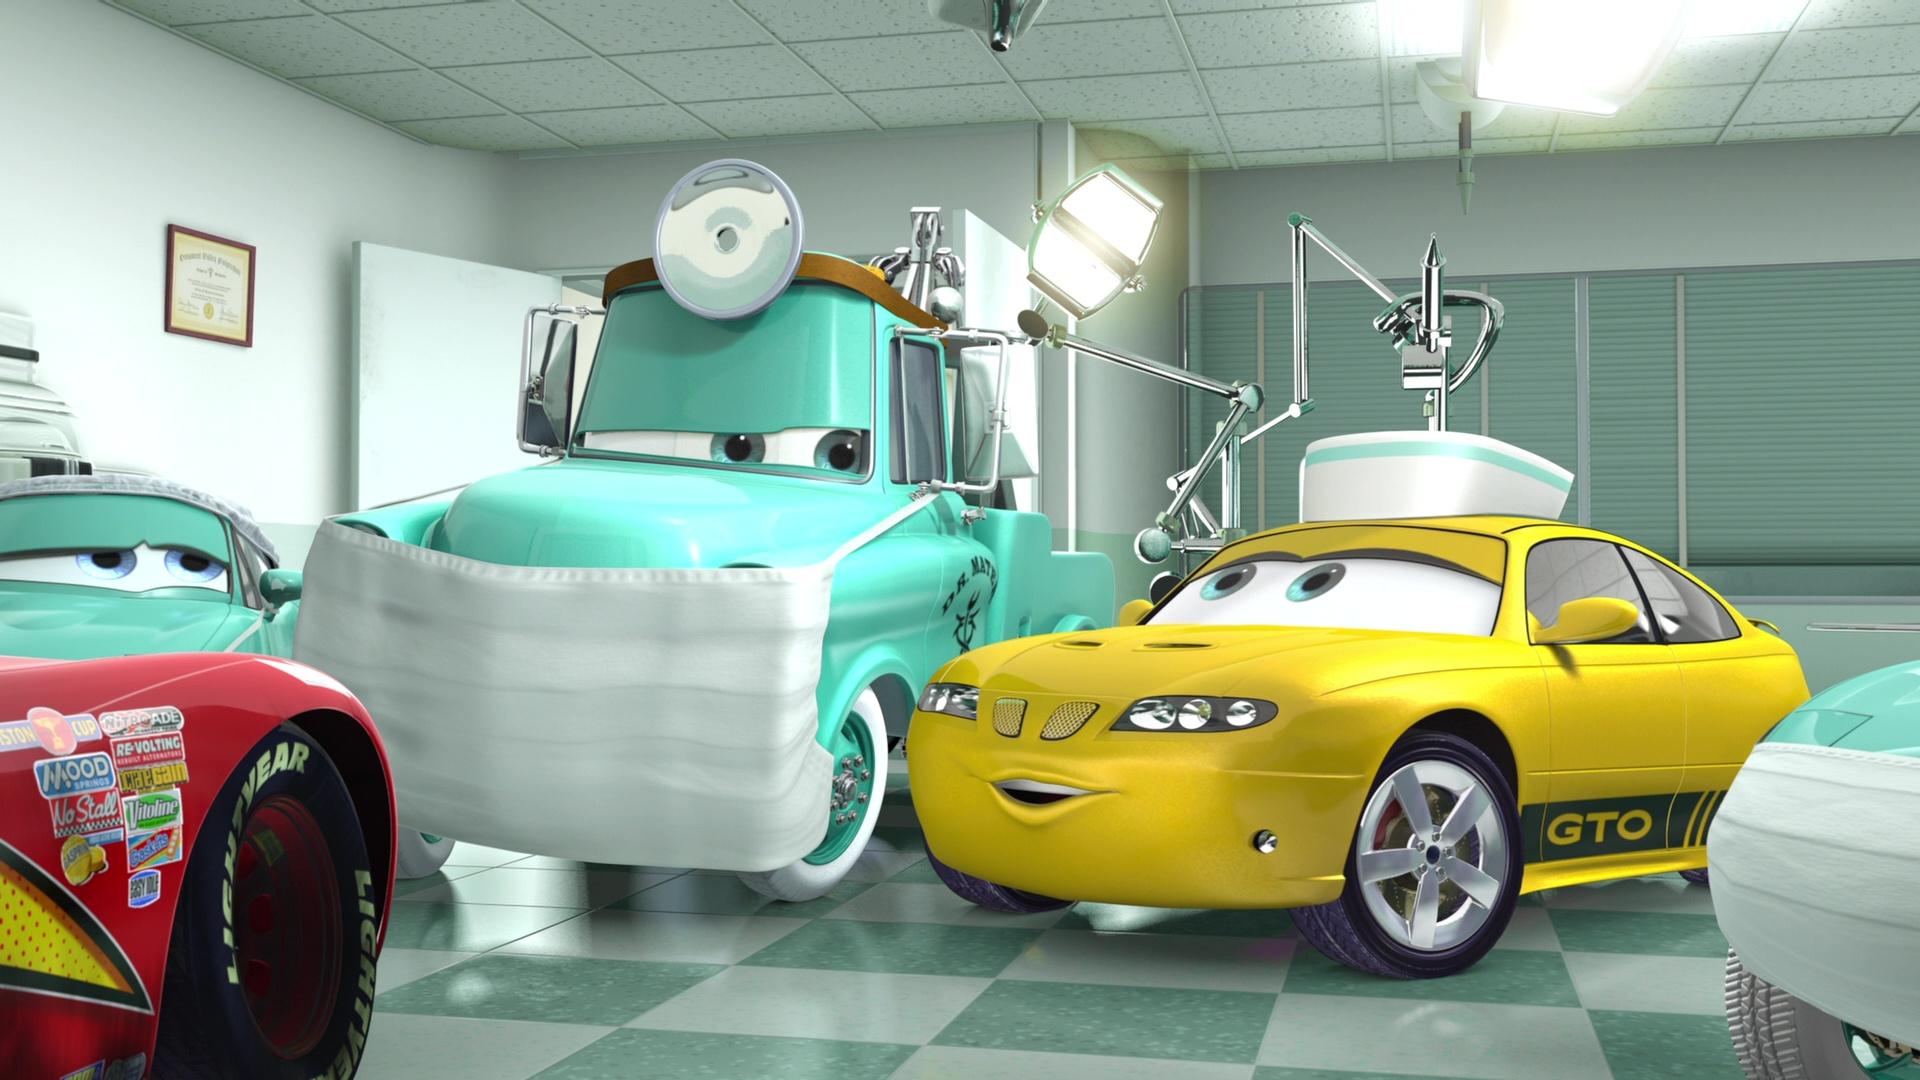 pixar disney personnage character  cars toon martin à la rescousse rescue squad mater infirmière nurse gto